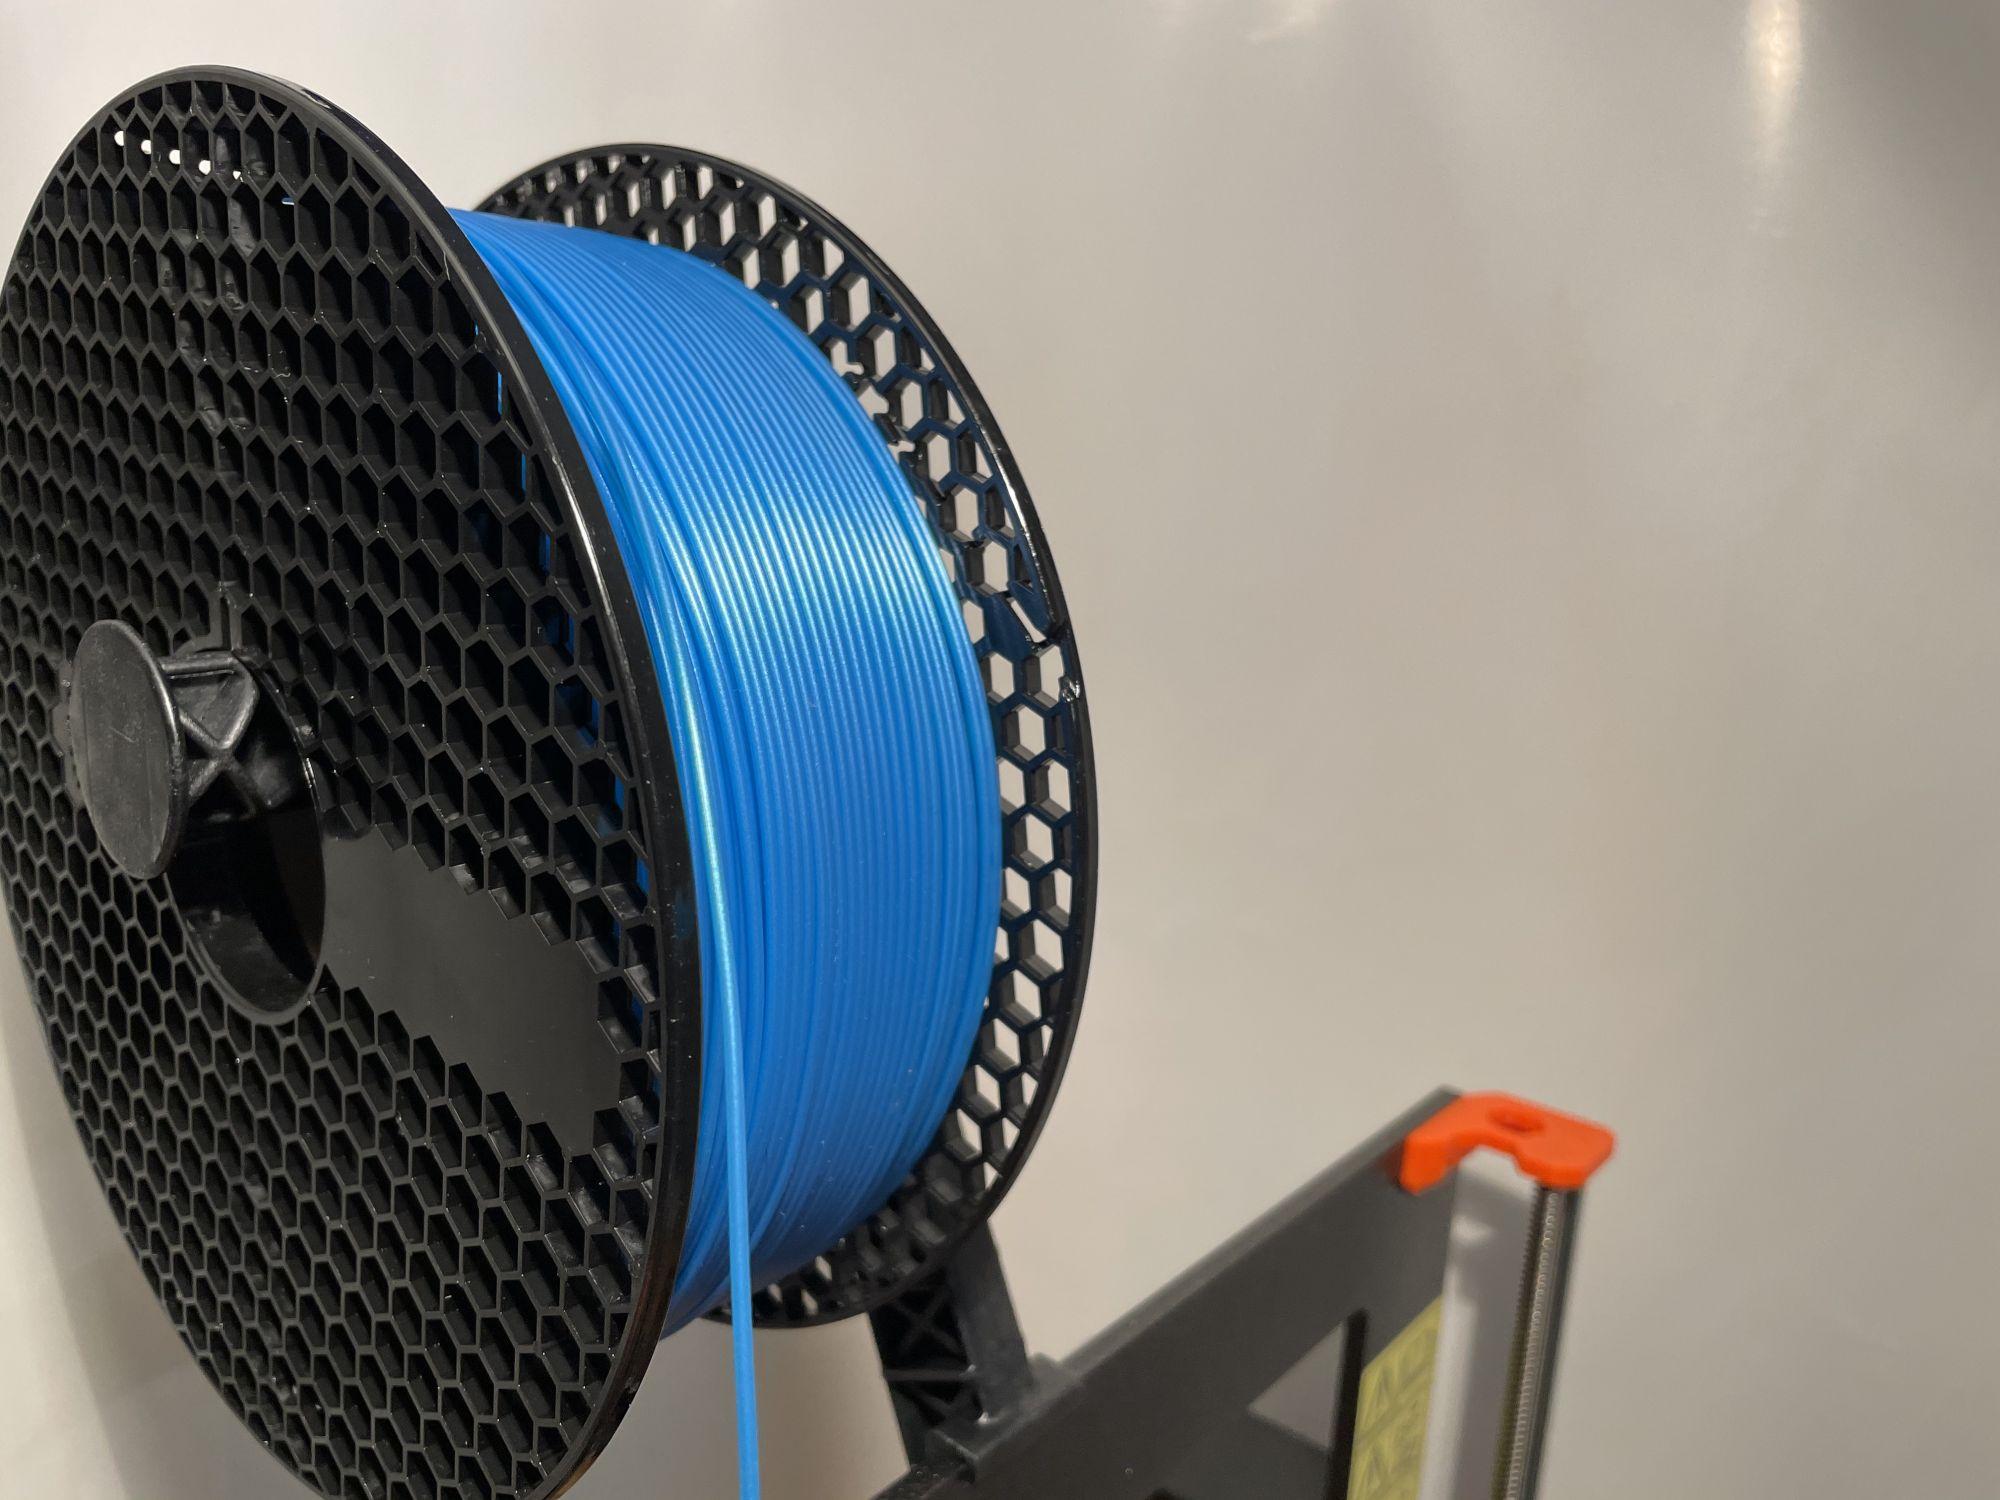 Blauer drahtförmiger Kunsstoff auf einer schwarzen Spule gewickelt